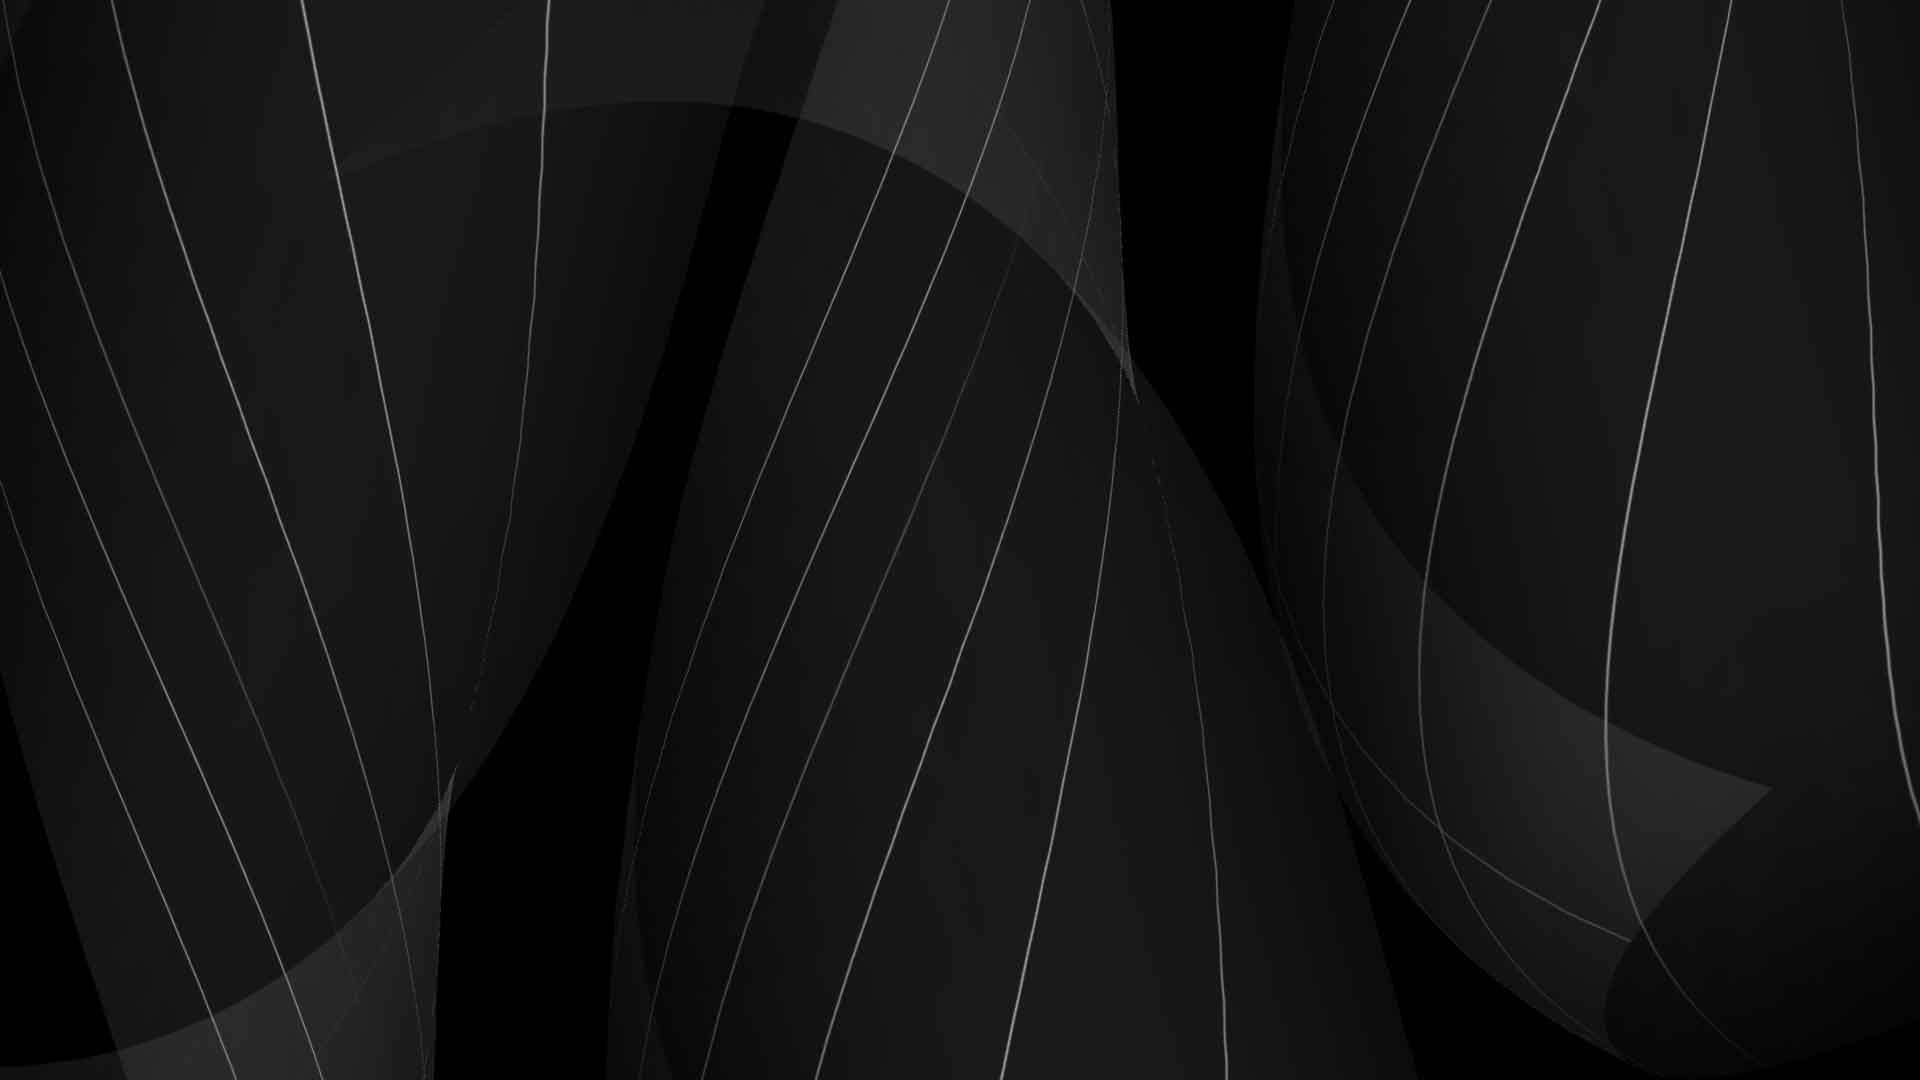 dark desktop wallpaper